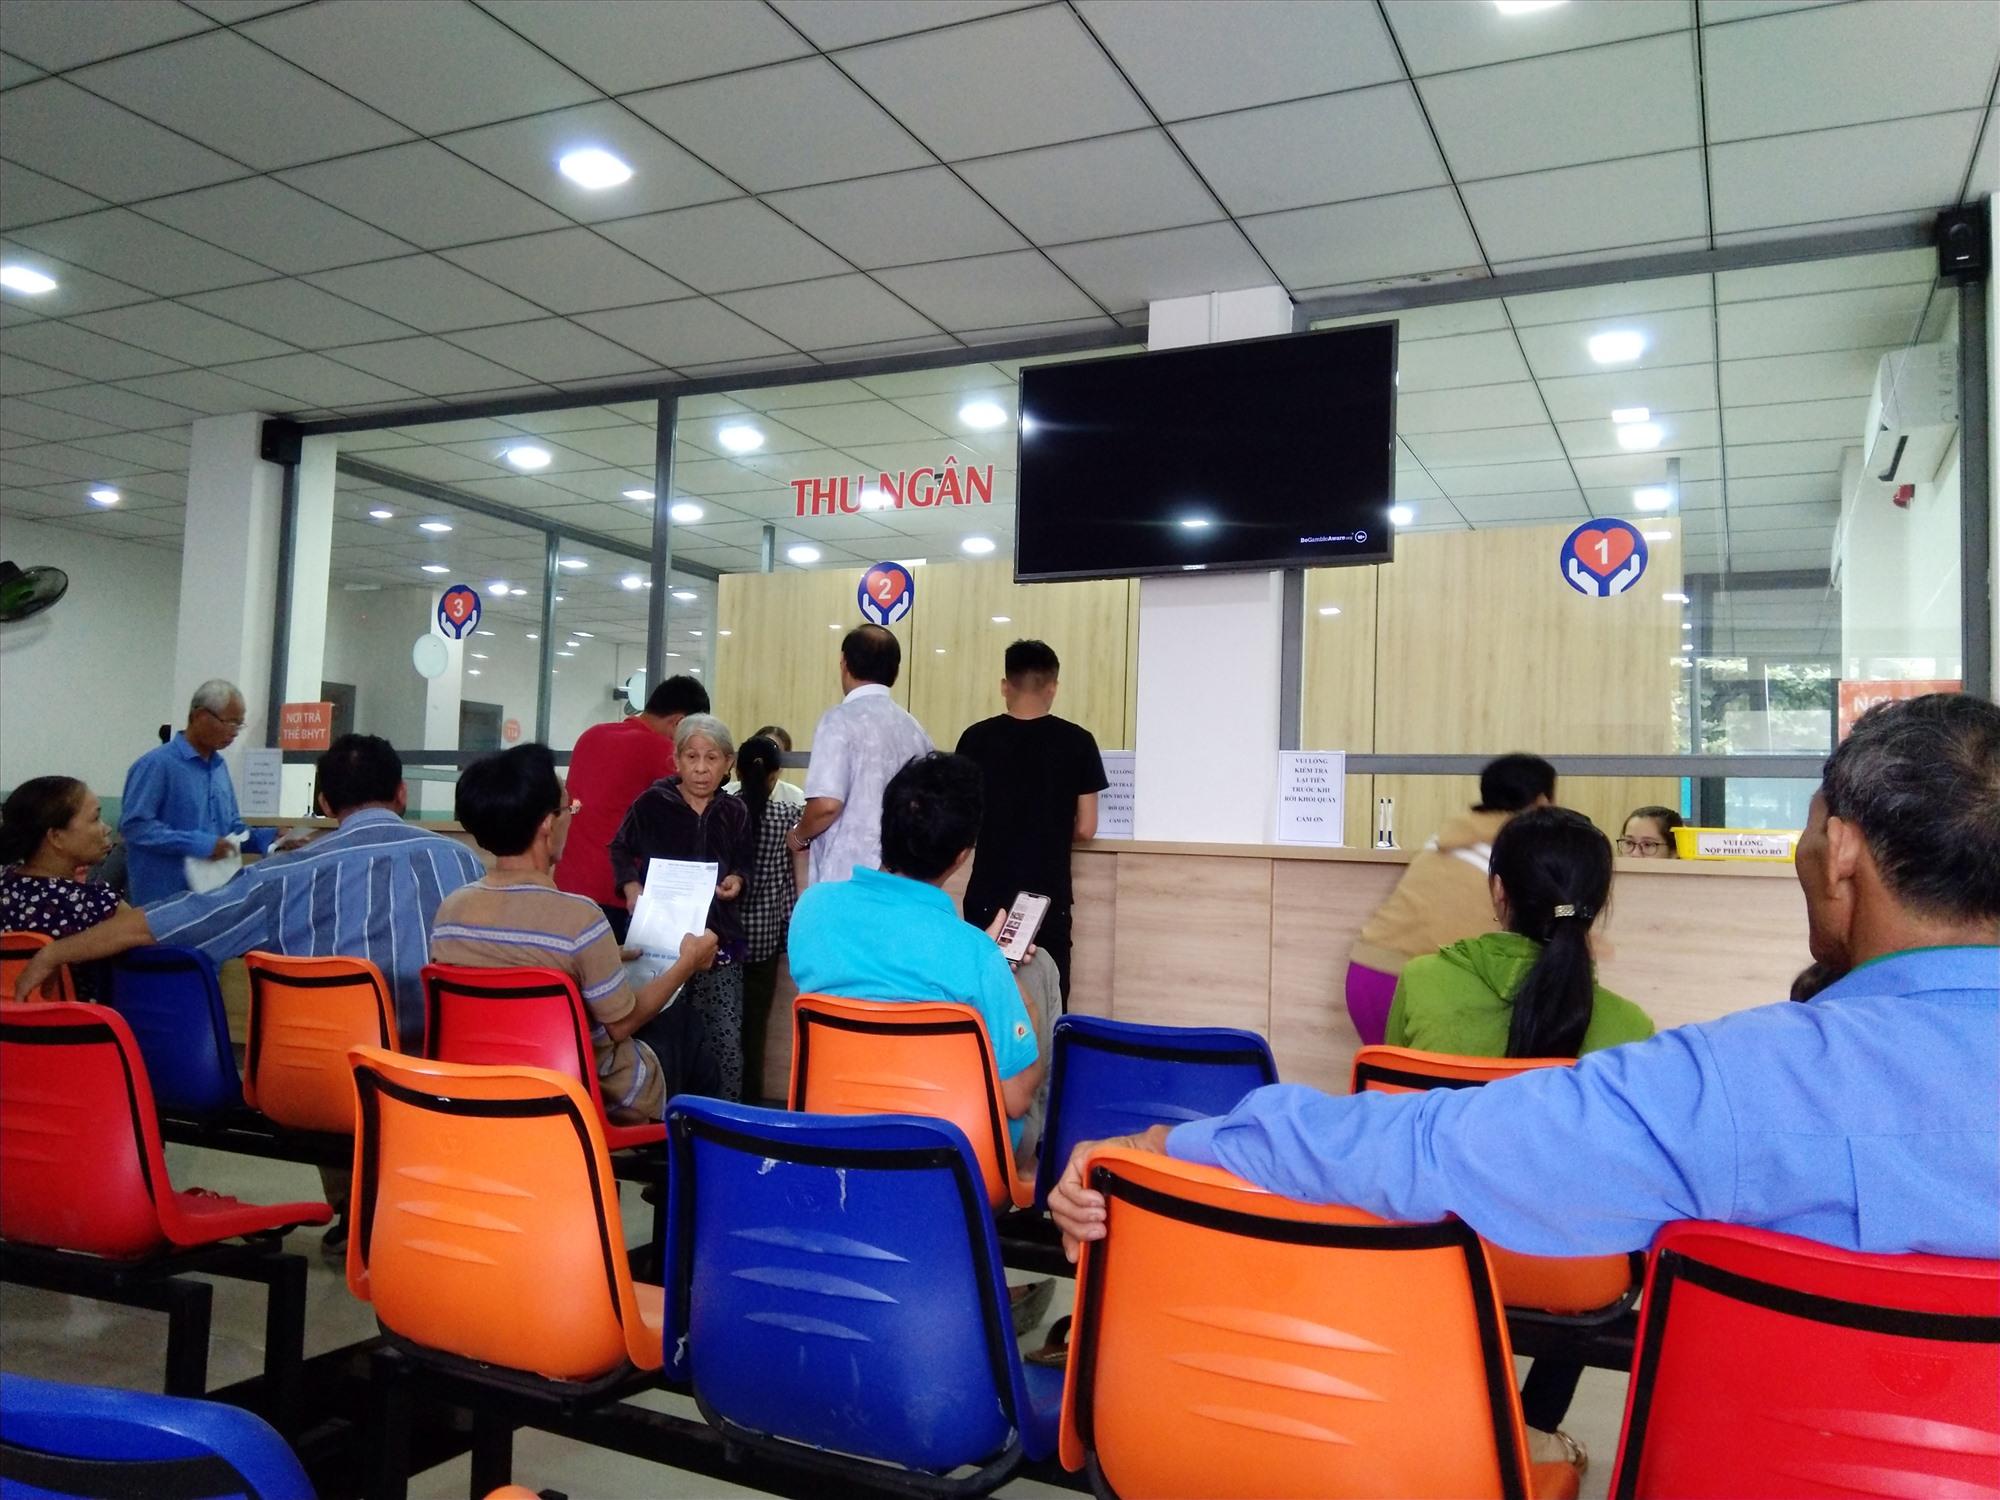 Chờ lấy phiếu khám bệnh tại Bệnh viện Bình An, huyện Duy Xuyên. Ảnh: X.H